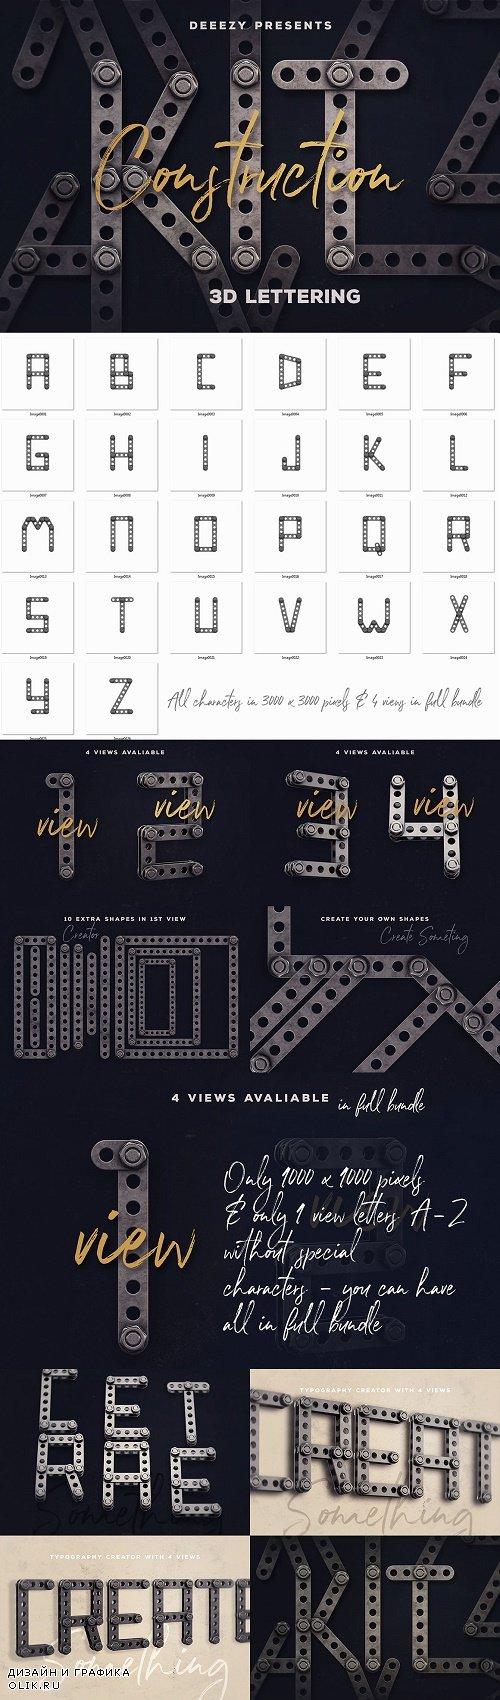 Construction Kit 3D Lettering - 3838726